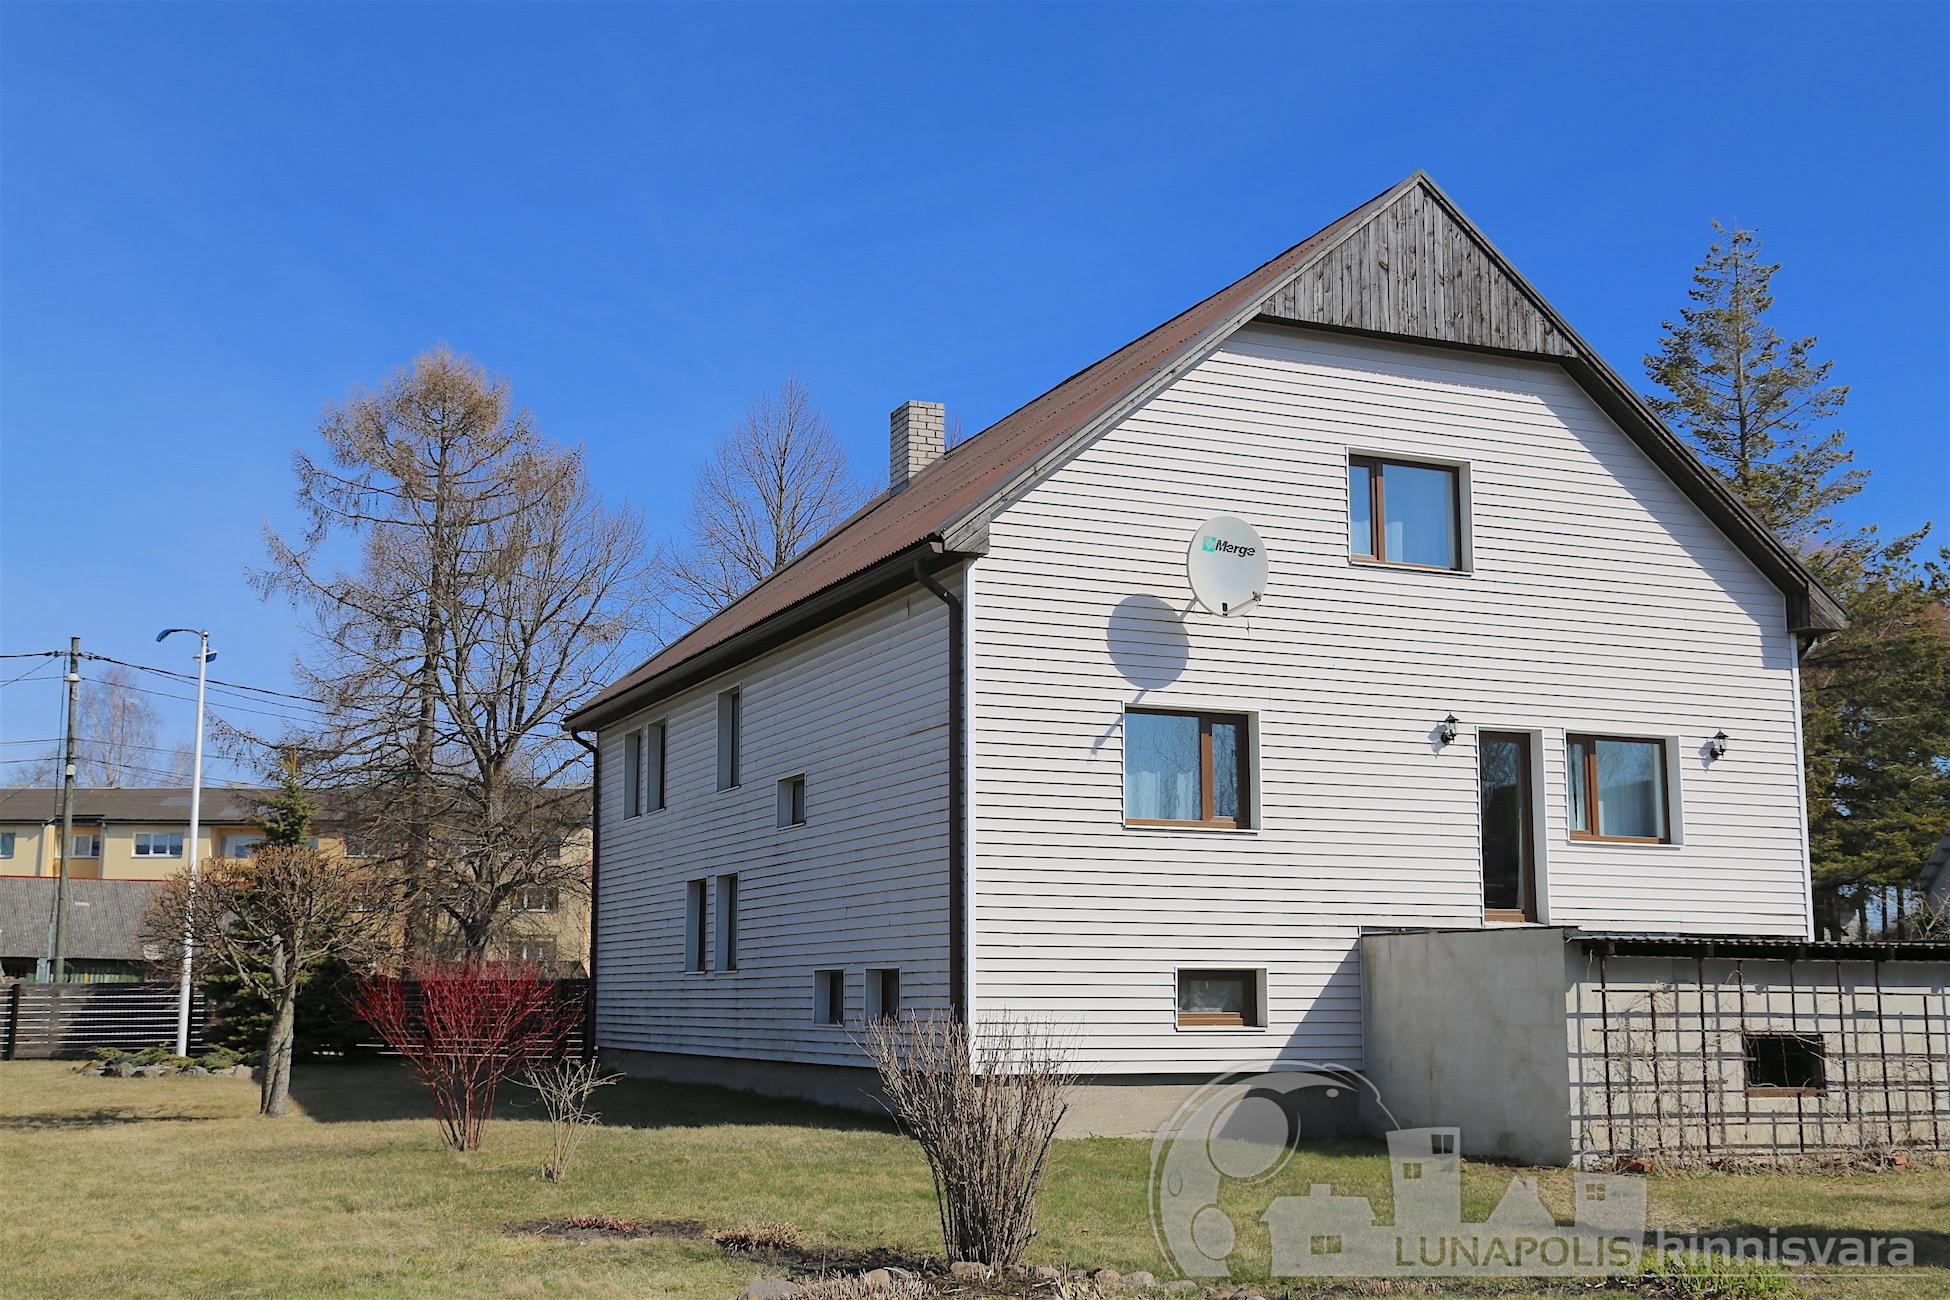 cd92fc0d343 Maja müük Pärnus, ülejõel, Lunapolis kinnisvara1I0A1899_Watermarked_1